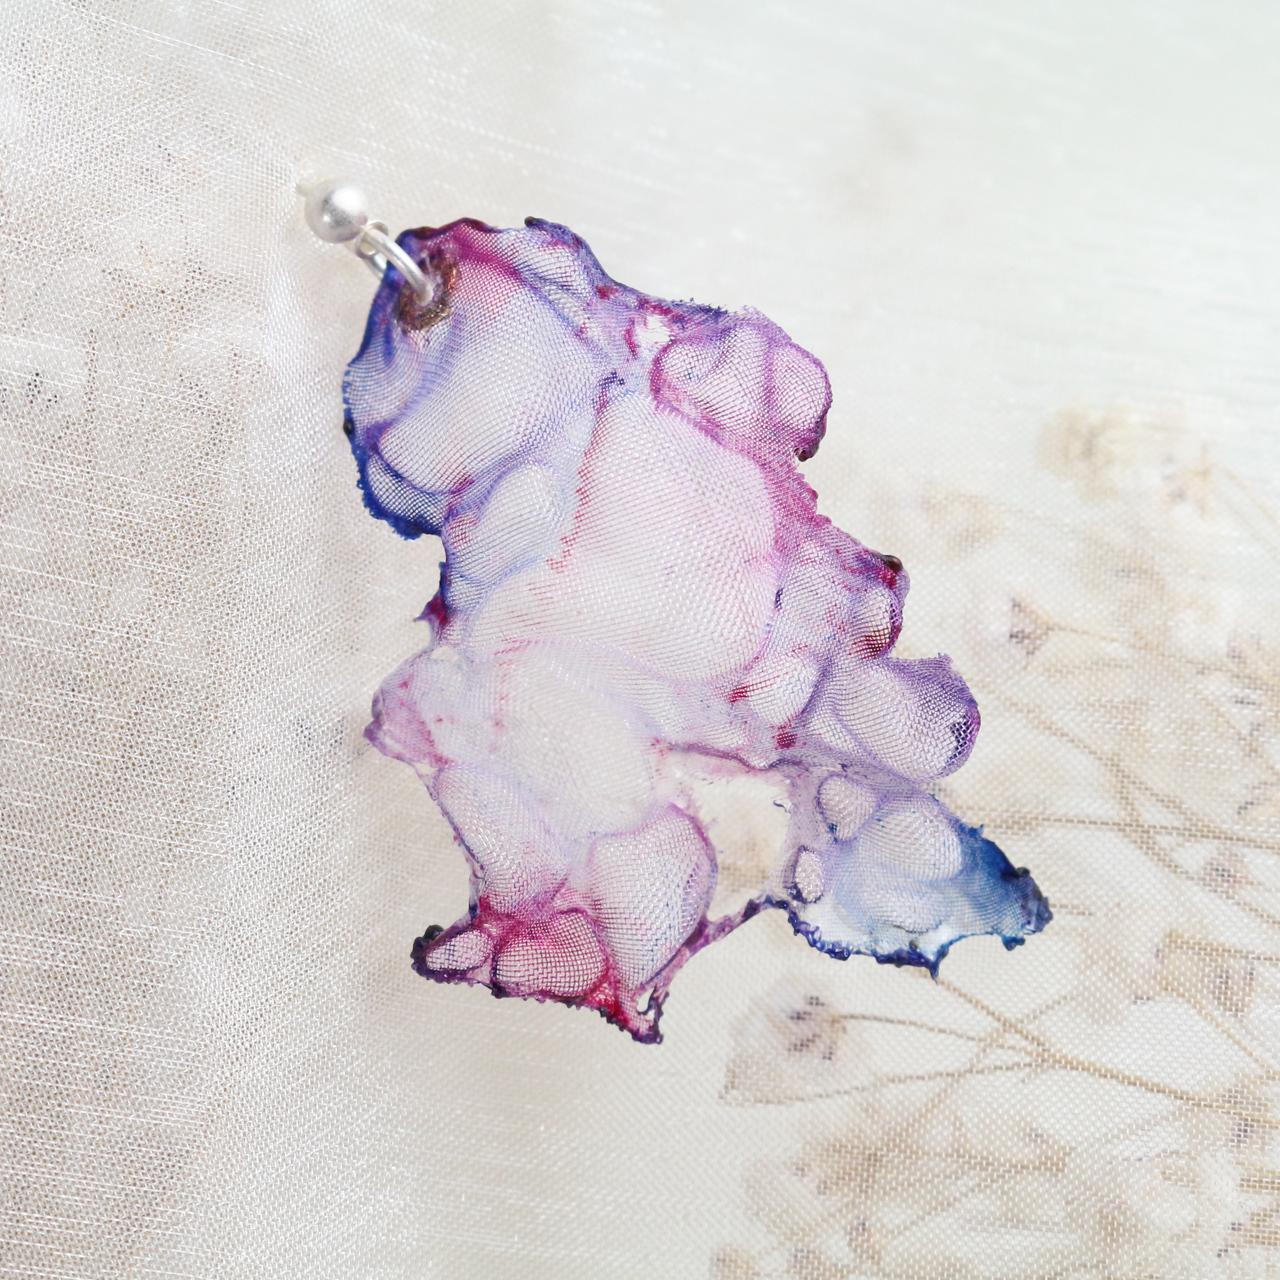 染めオーガンジーのゆれるアートピアス|薄ピンク